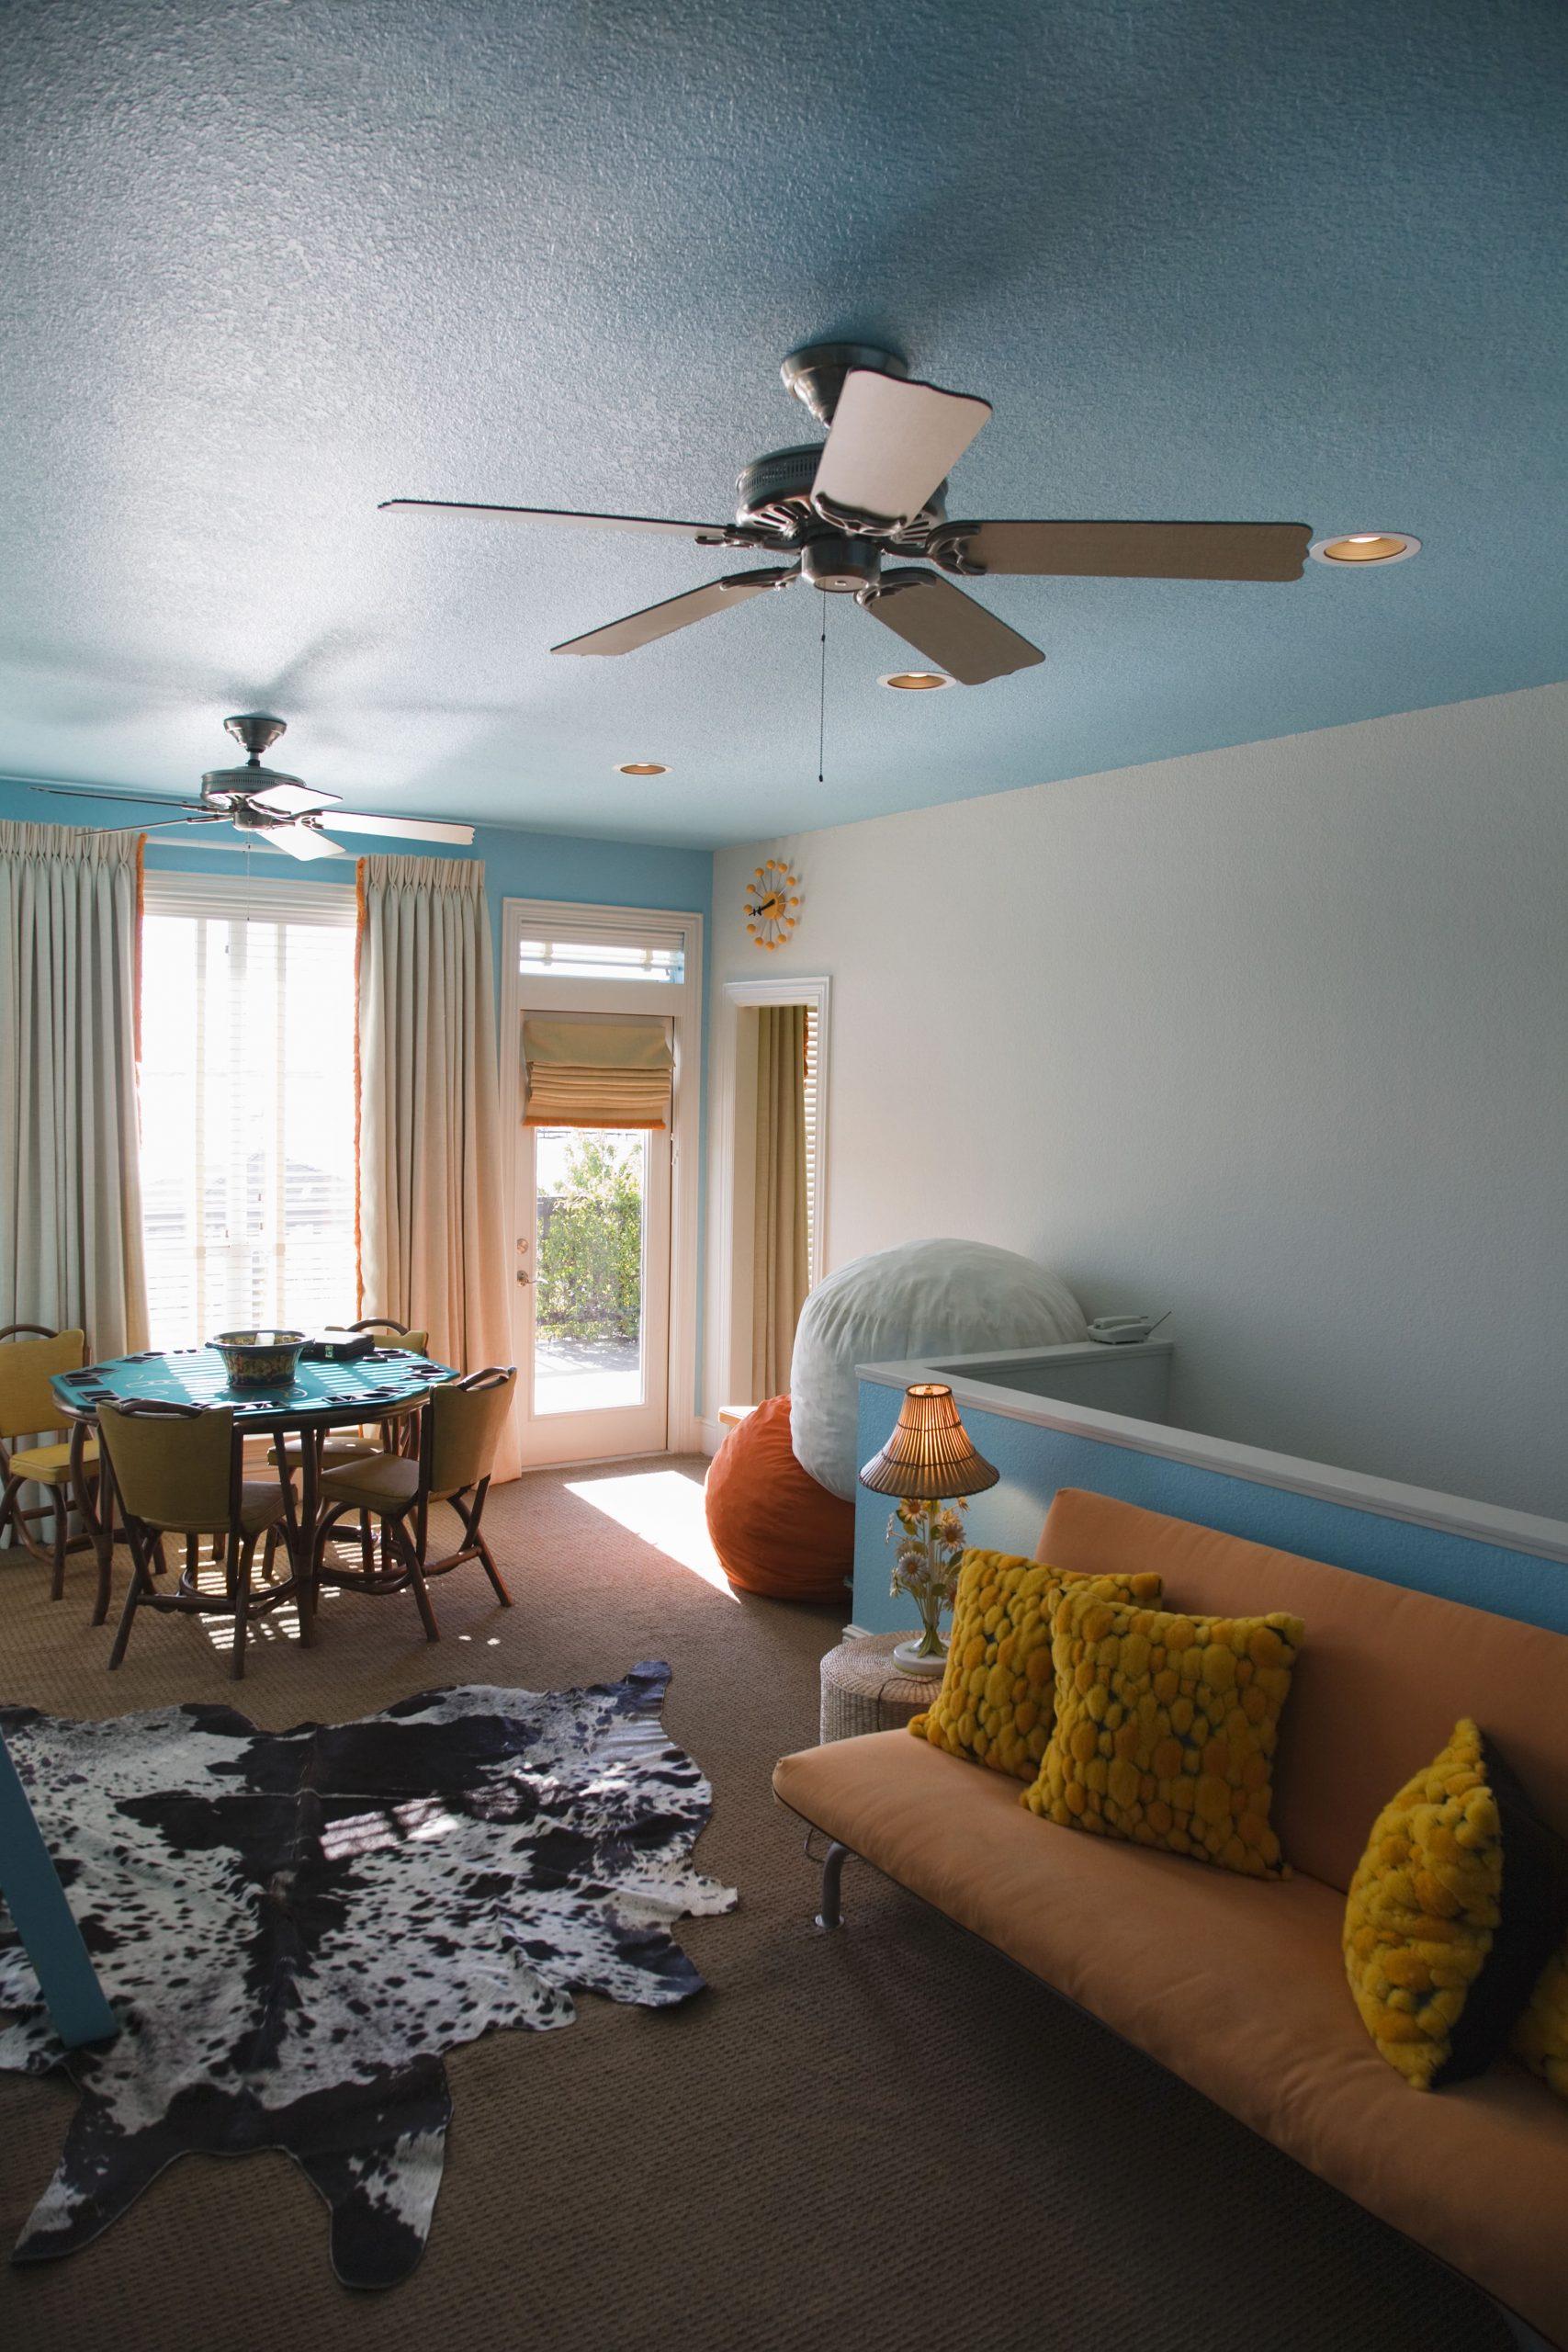 5 יתרונות במאווררי תקרה לחדרי השינה